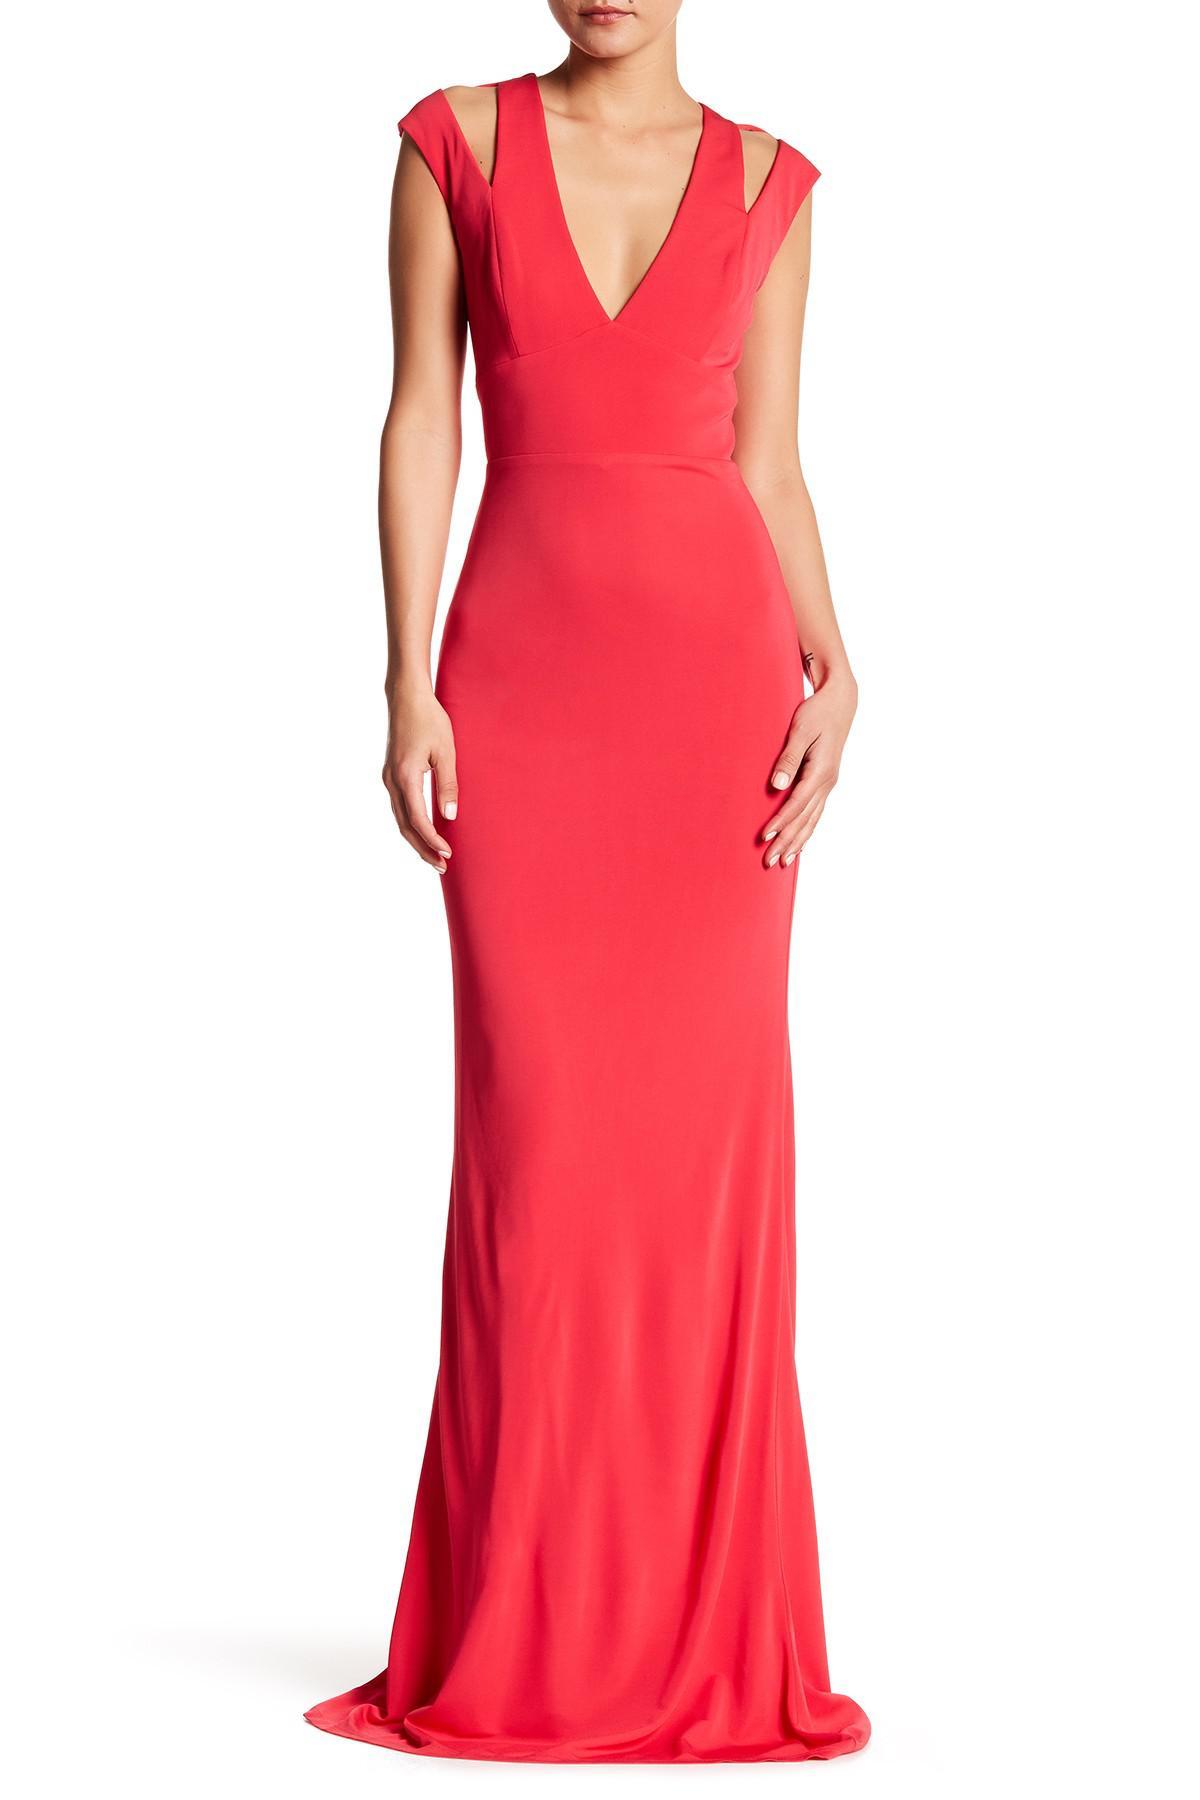 Lyst - Abs By Allen Schwartz Split Back Deep V-neck Gown in Red